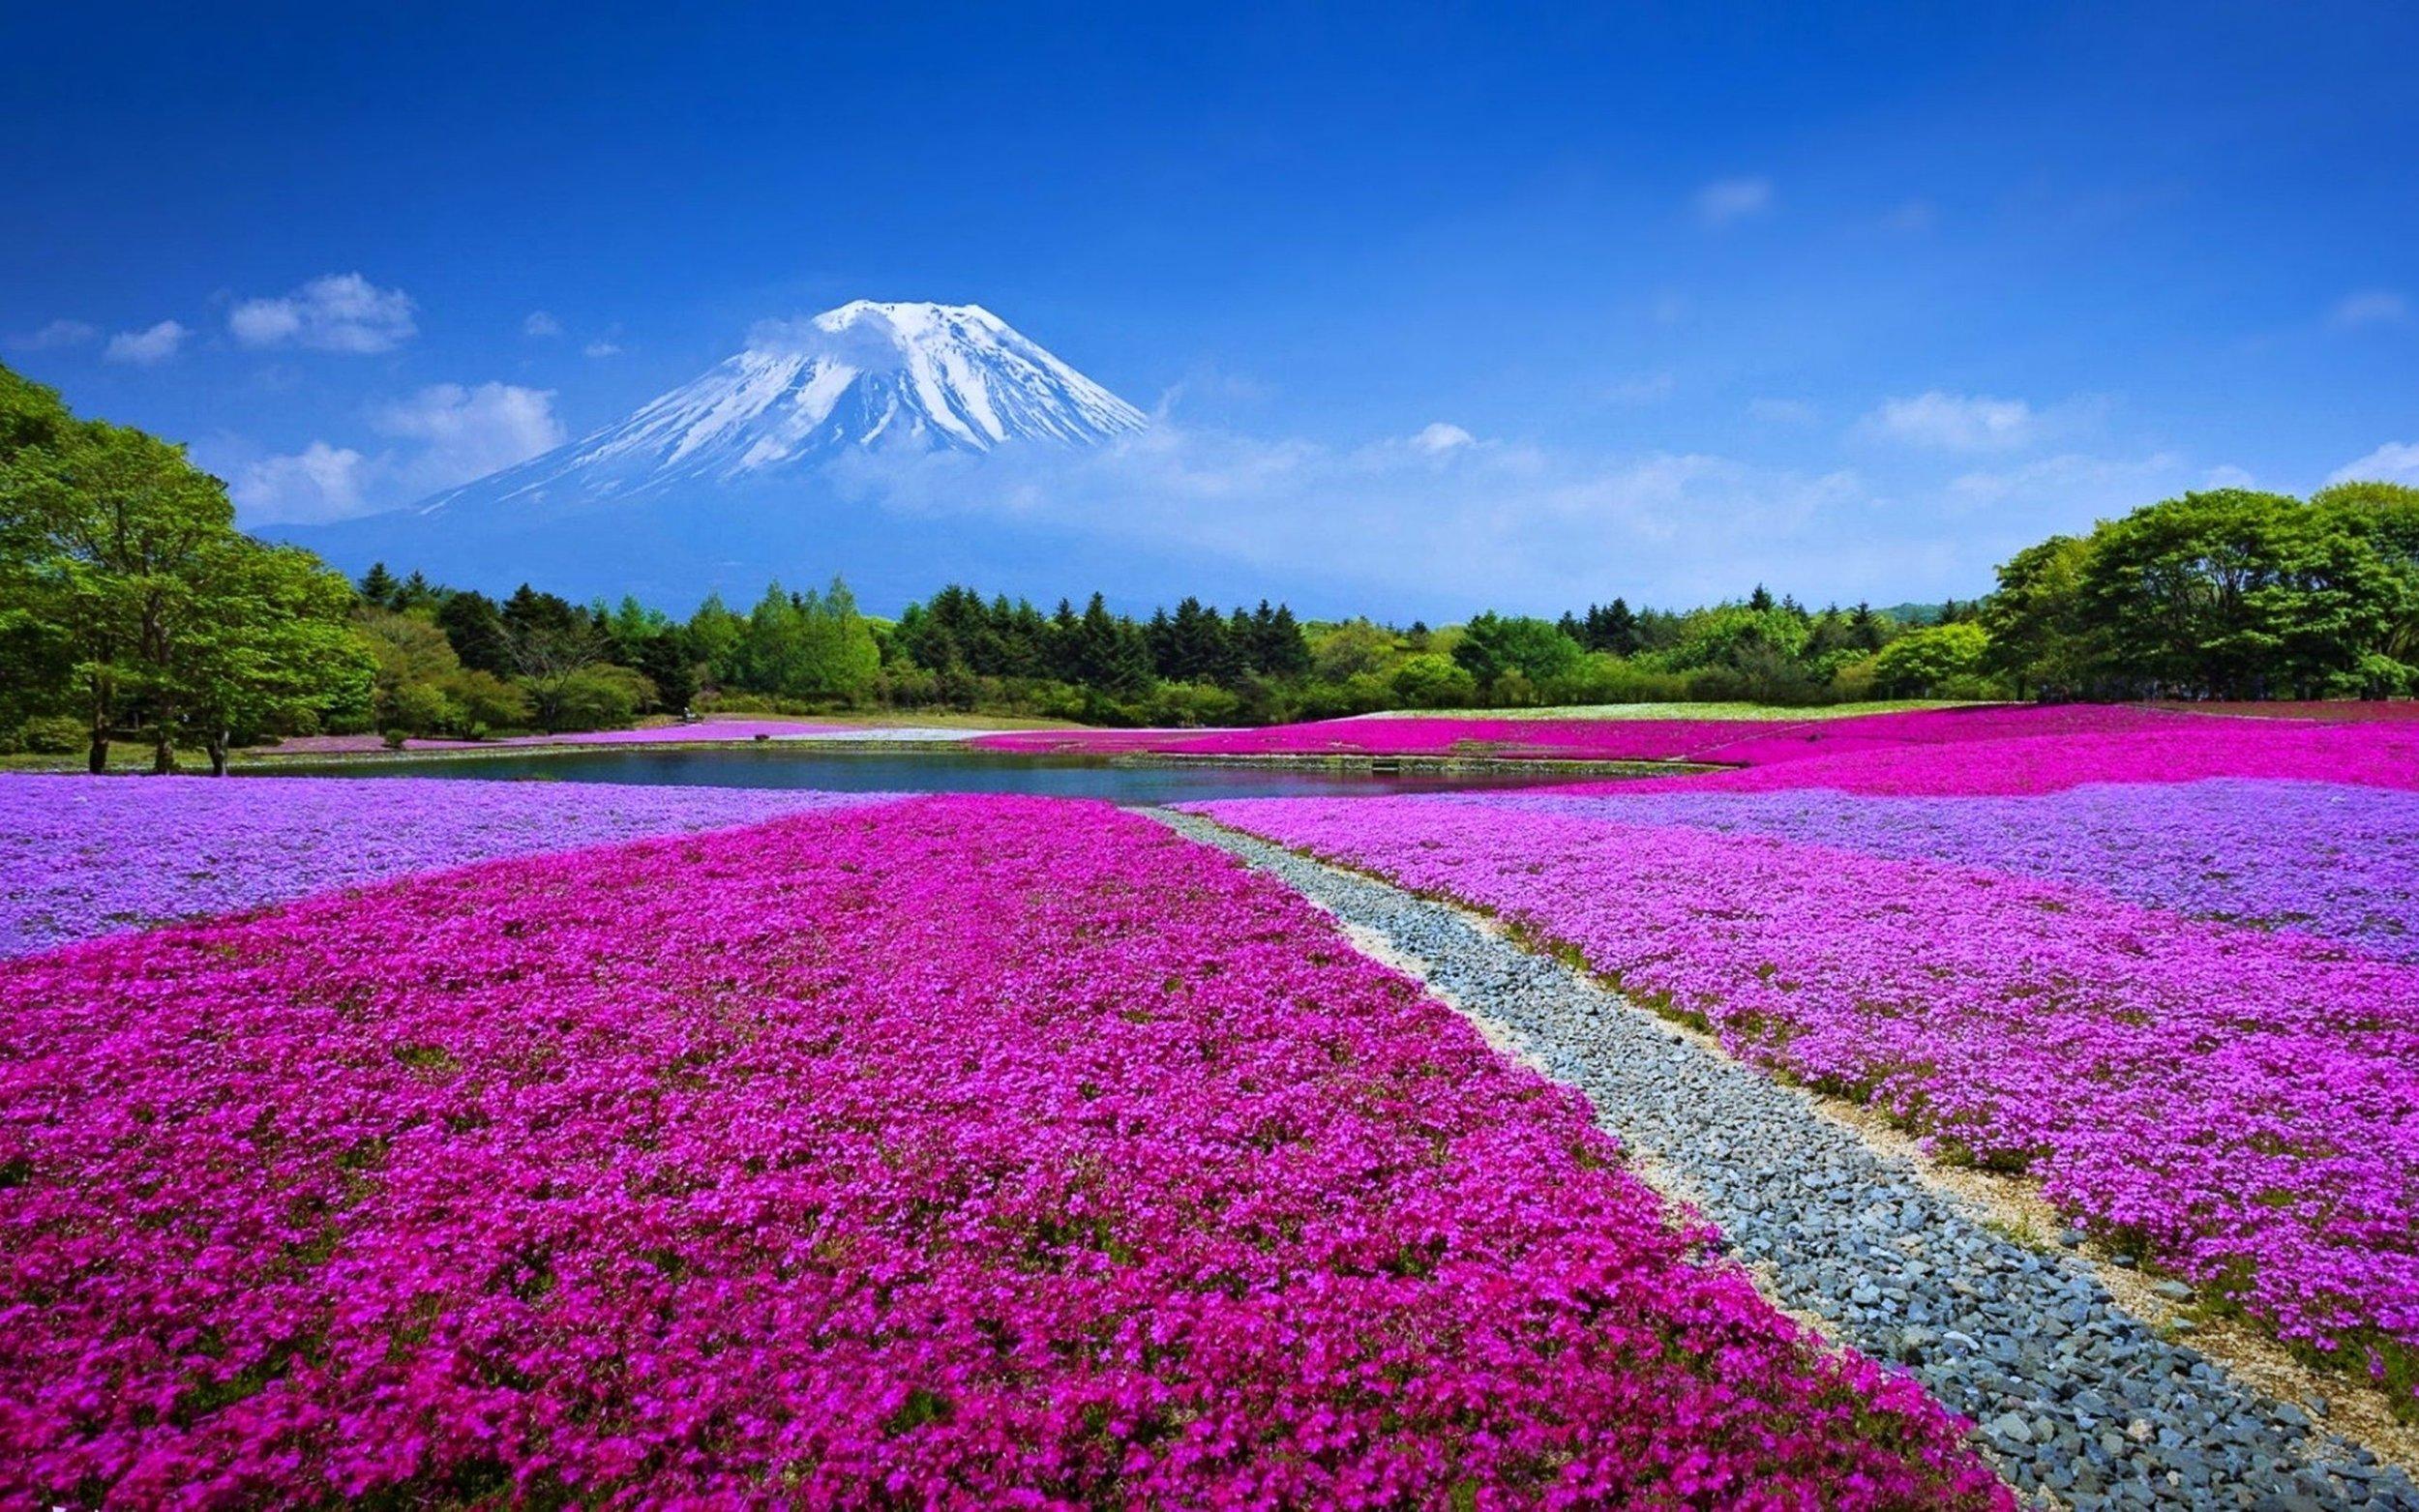 Mt. Fuji Japan.jpg